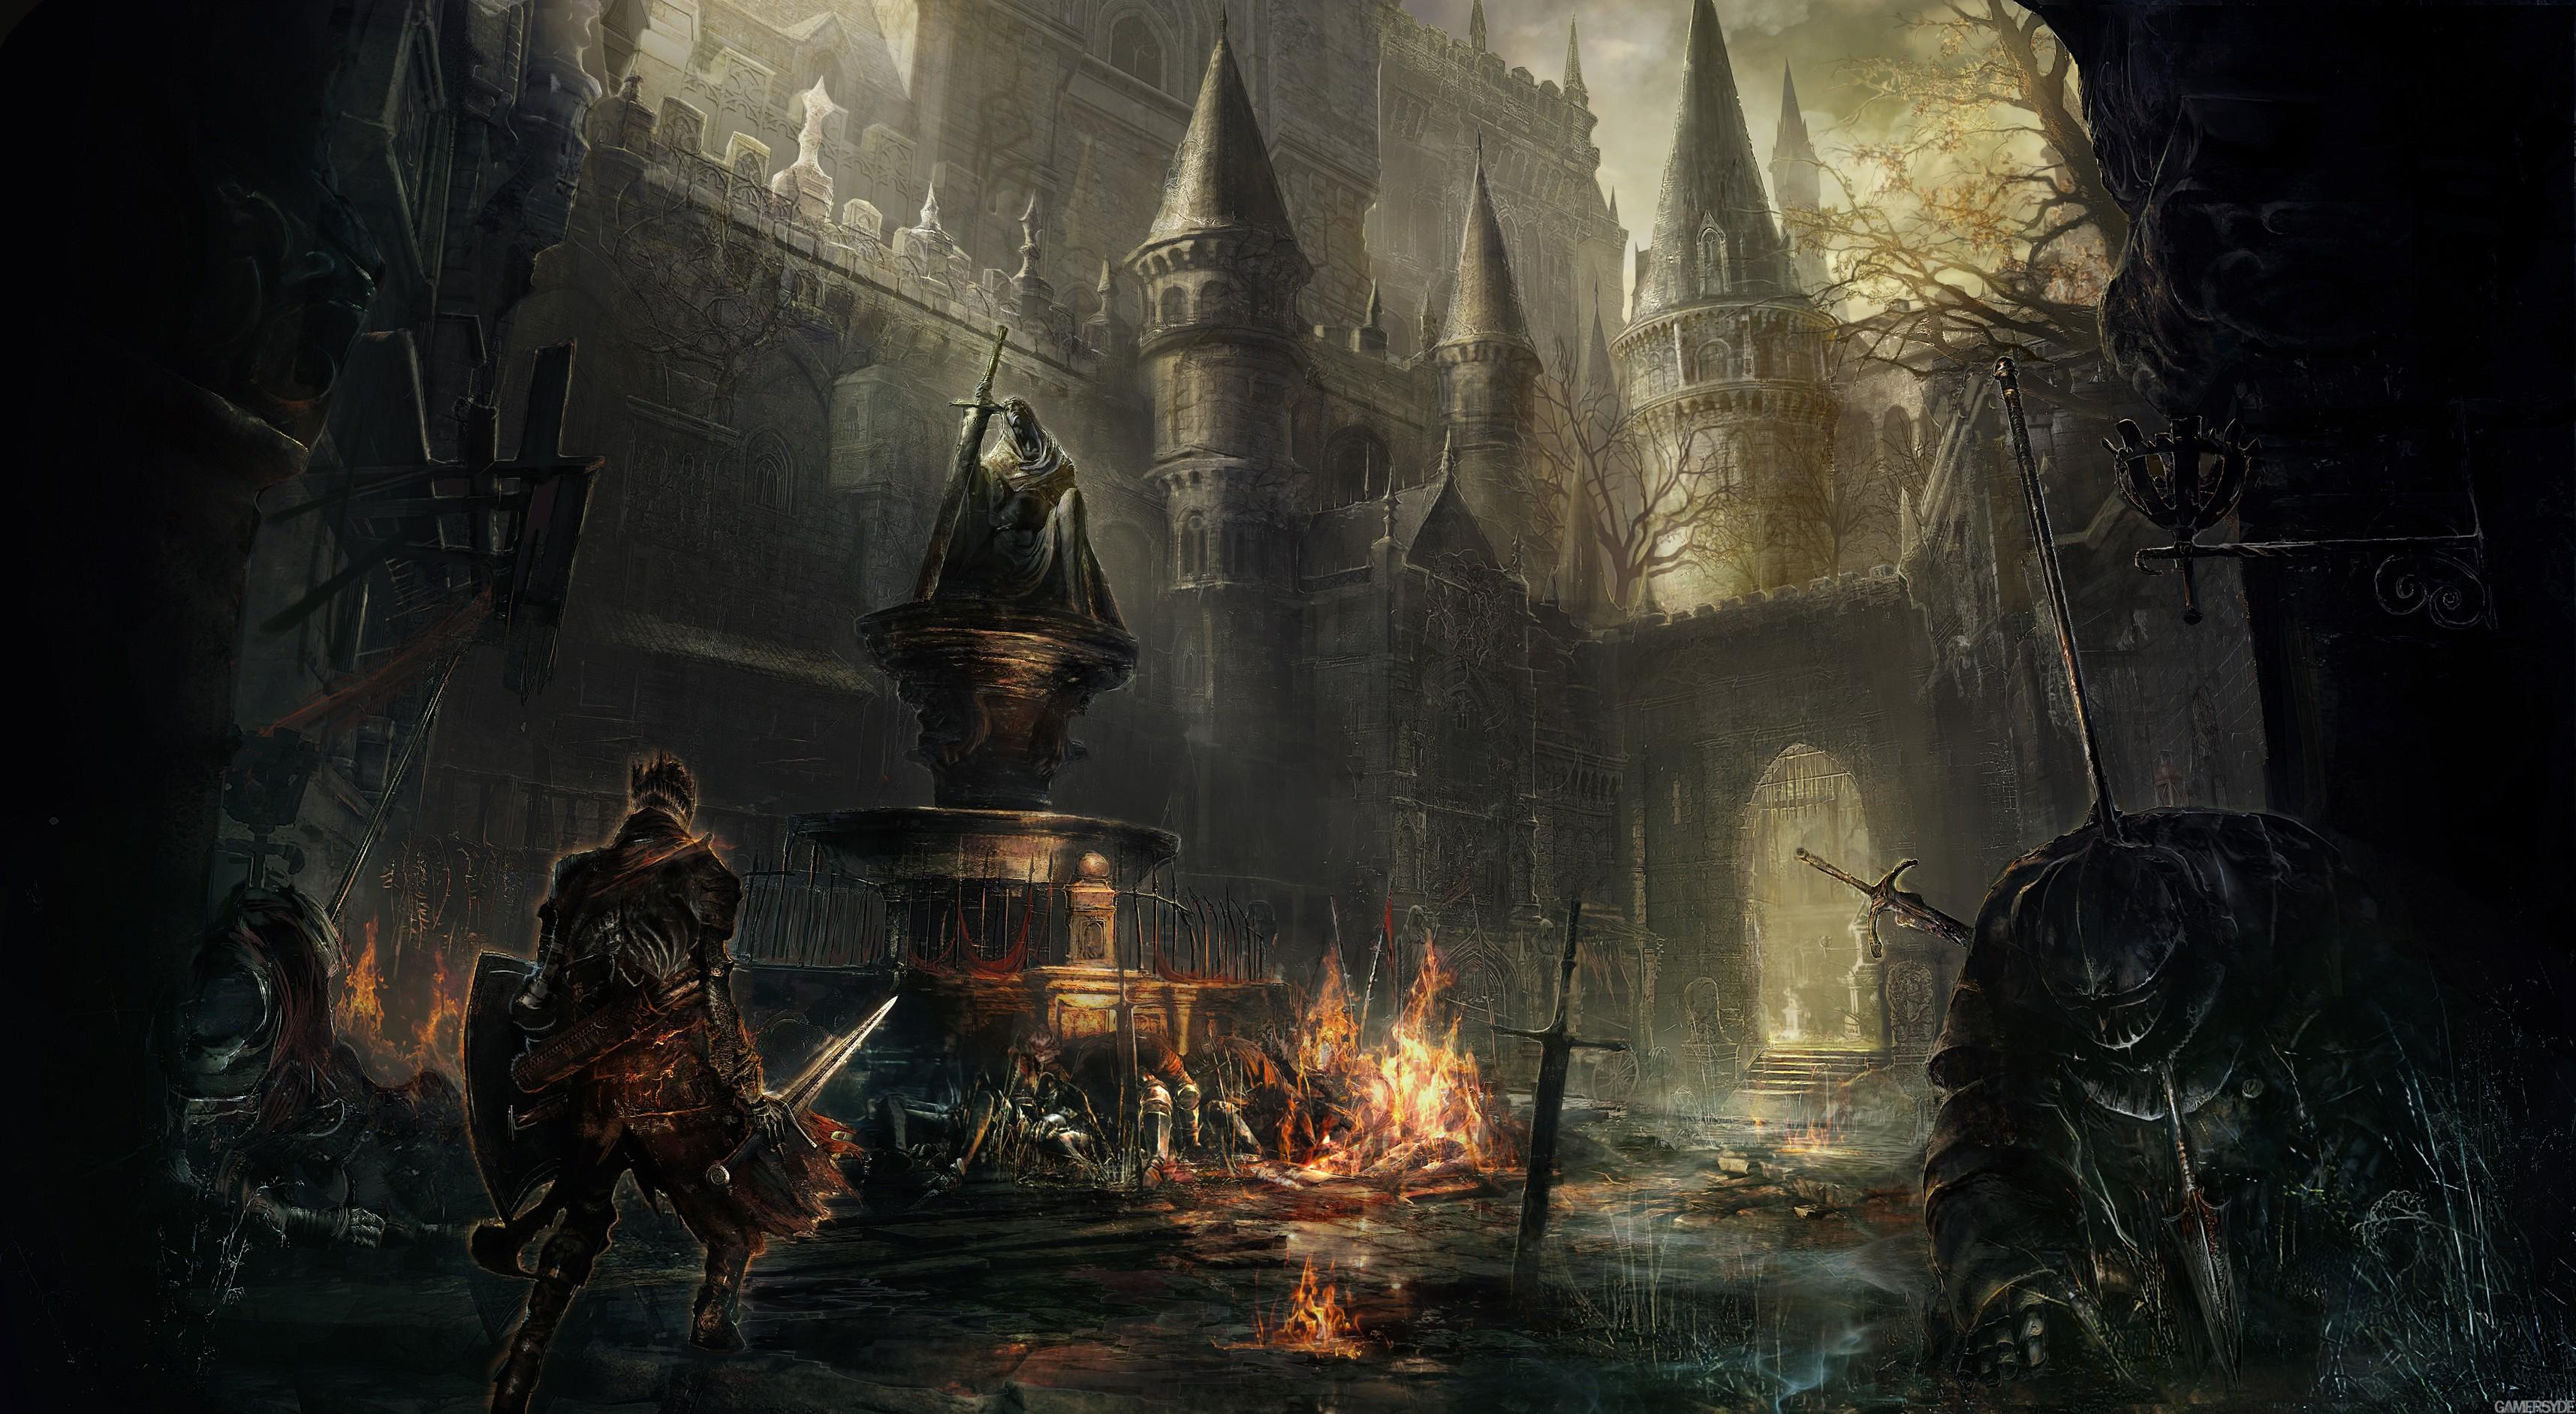 wallpaper dark souls 3 best games 2015 game fantasy pc. Black Bedroom Furniture Sets. Home Design Ideas